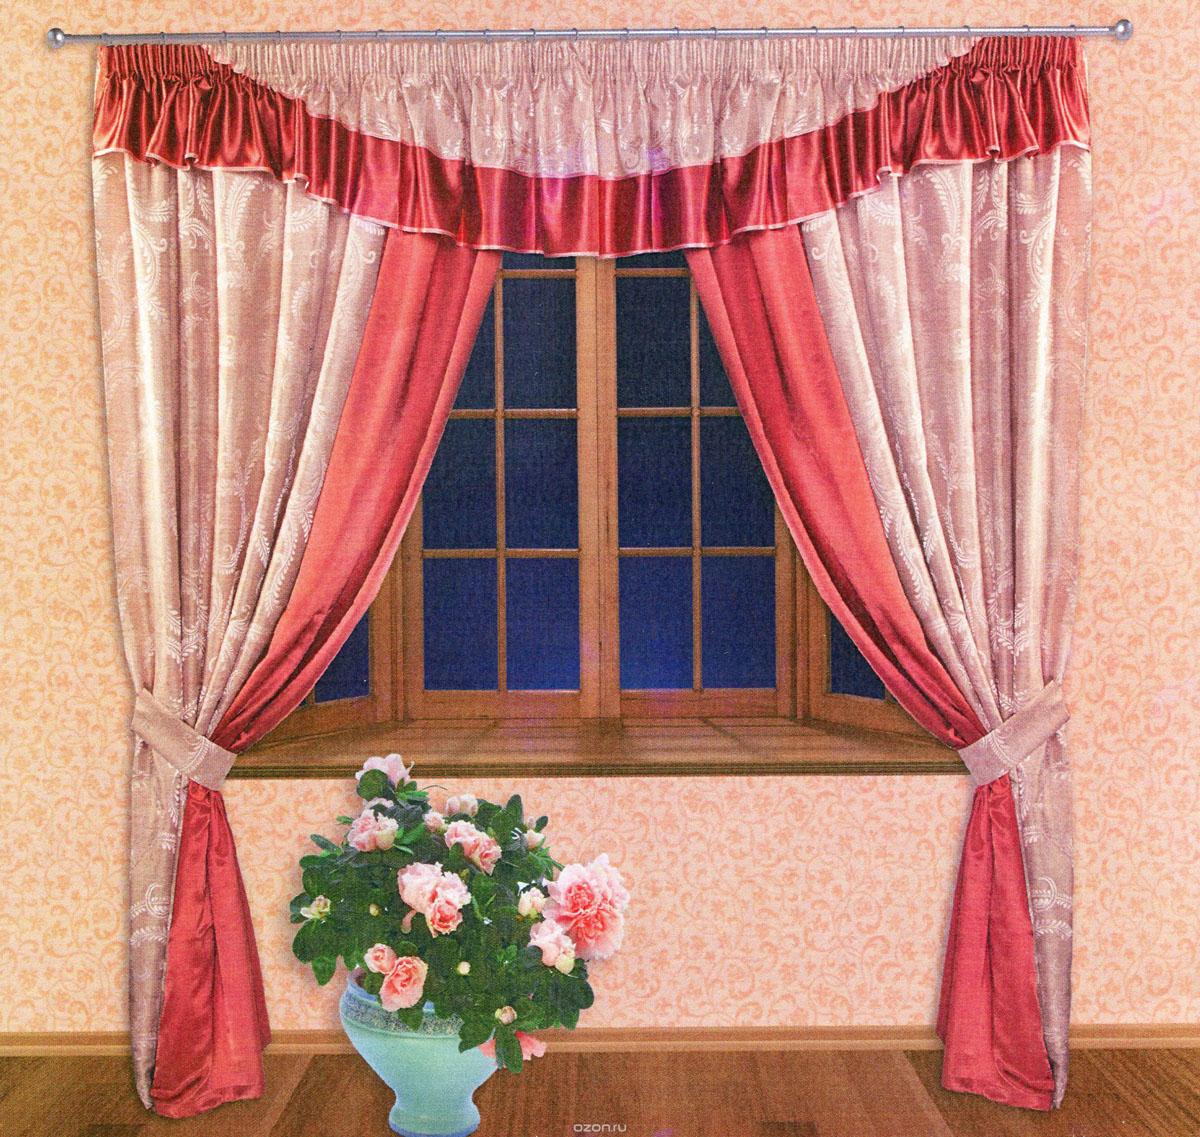 Комплект штор Zlata Korunka, на ленте, цвет: красный, бледно-розовый, высота 250 см. 5551055510Роскошный комплект штор Zlata Korunka, выполненный из ткани шанзализе и сатина (100% полиэстера), великолепно украсит любое окно. Комплект состоит из двух портьер, ламбрекена и двух подхватов. Плотная ткань, оригинальный орнамент и приятная, приглушенная гамма привлекут к себе внимание и органично впишутся в интерьер помещения. Комплект крепится на карниз при помощи шторной ленты, которая поможет красиво и равномерно задрапировать верх. Портьеры можно зафиксировать в одном положении с помощью двух подхватов. Этот комплект будет долгое время радовать вас и вашу семью! В комплект входит: Портьера: 2 шт. Размер (ШхВ): 210 см х 250 см. Ламбрекен: 1 шт. Размер (ШхВ): 450 см х 50 см.Подхват: 2 шт. Размер (ШхВ): 60 см х 10 см.